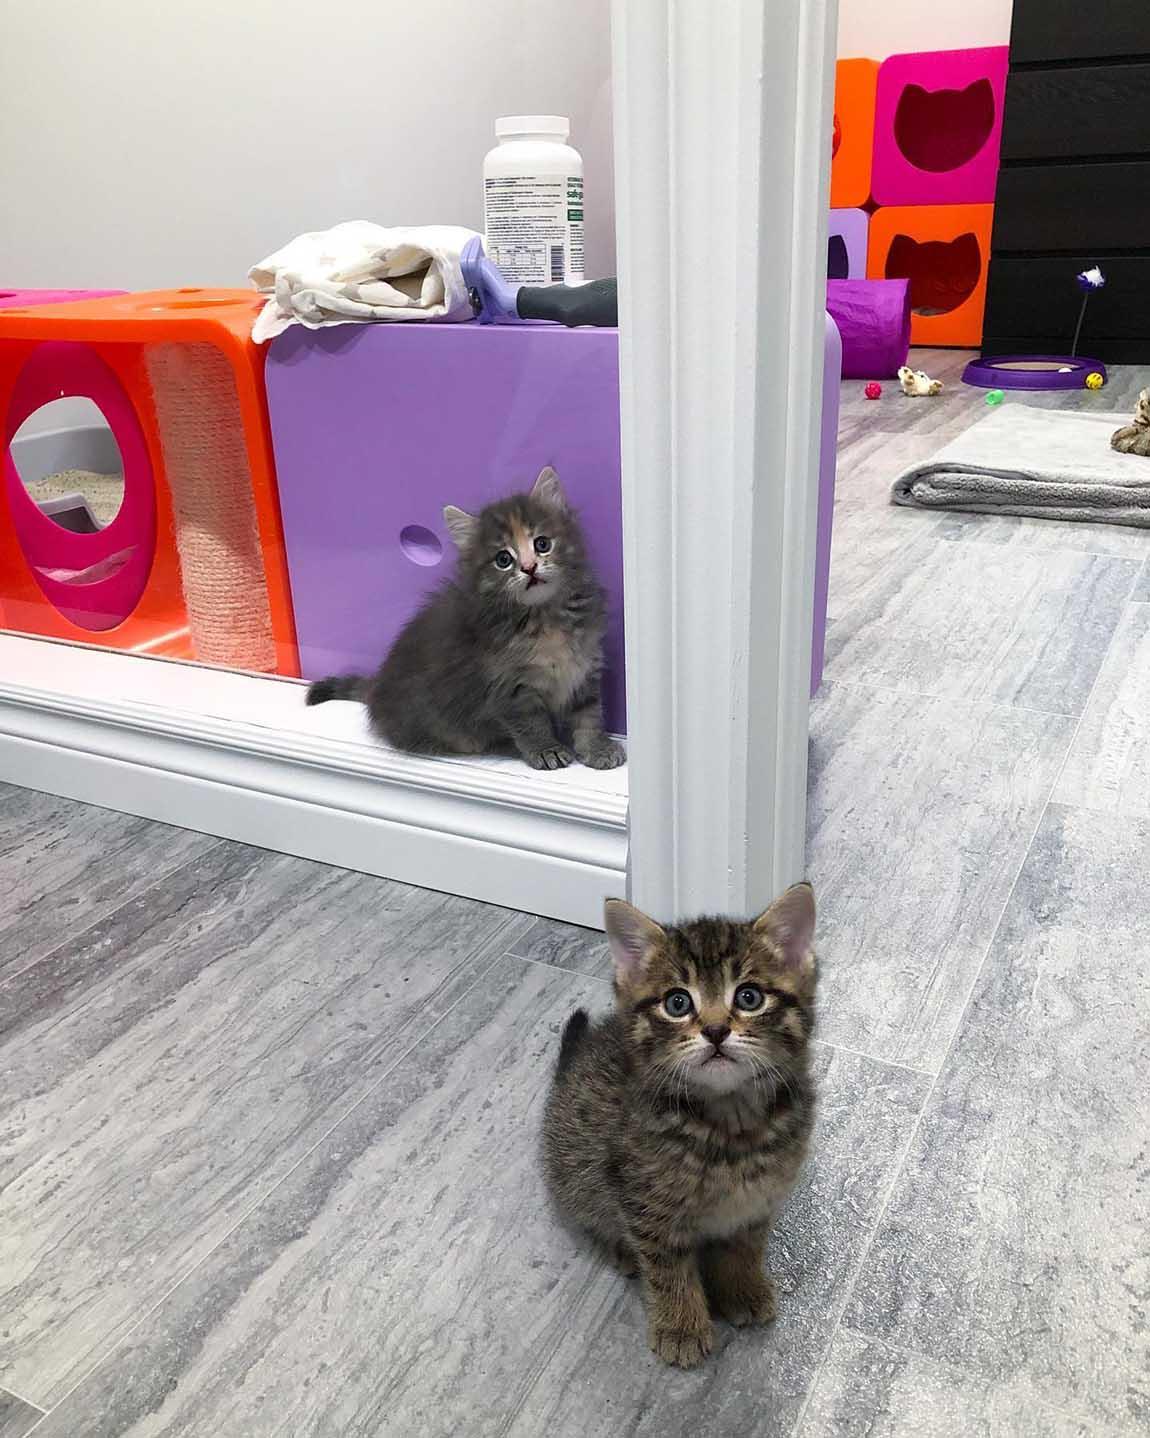 Gatita escapa de su habitación en hogar temporal